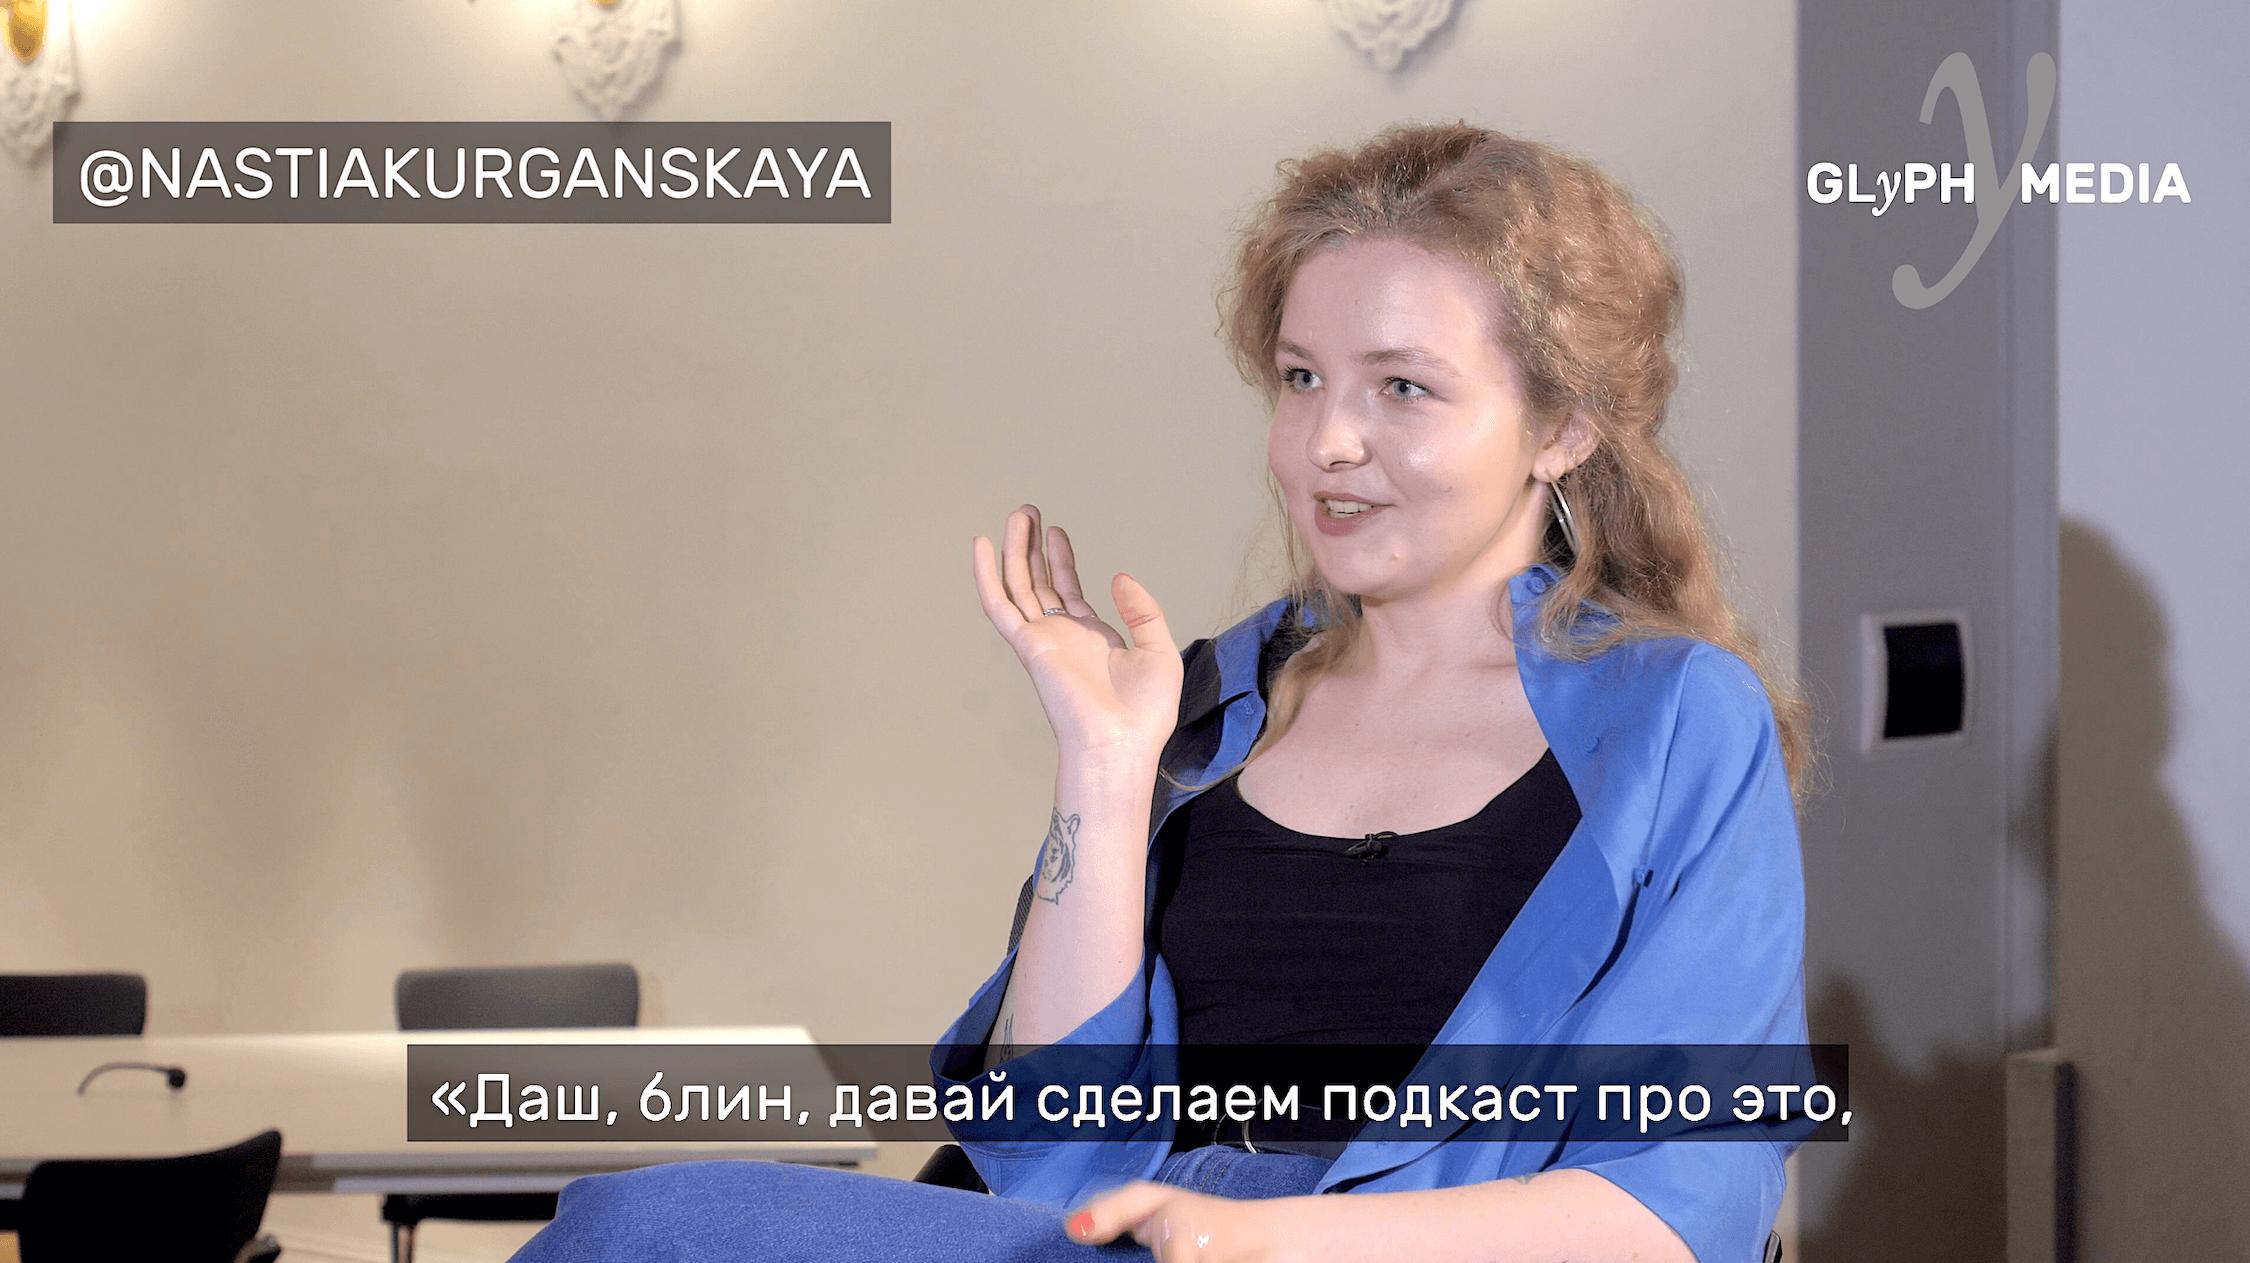 Интервью: ведущая подкаста «НОРМ» о карьере в медиа и запуске собственной разговорной передачи - 1